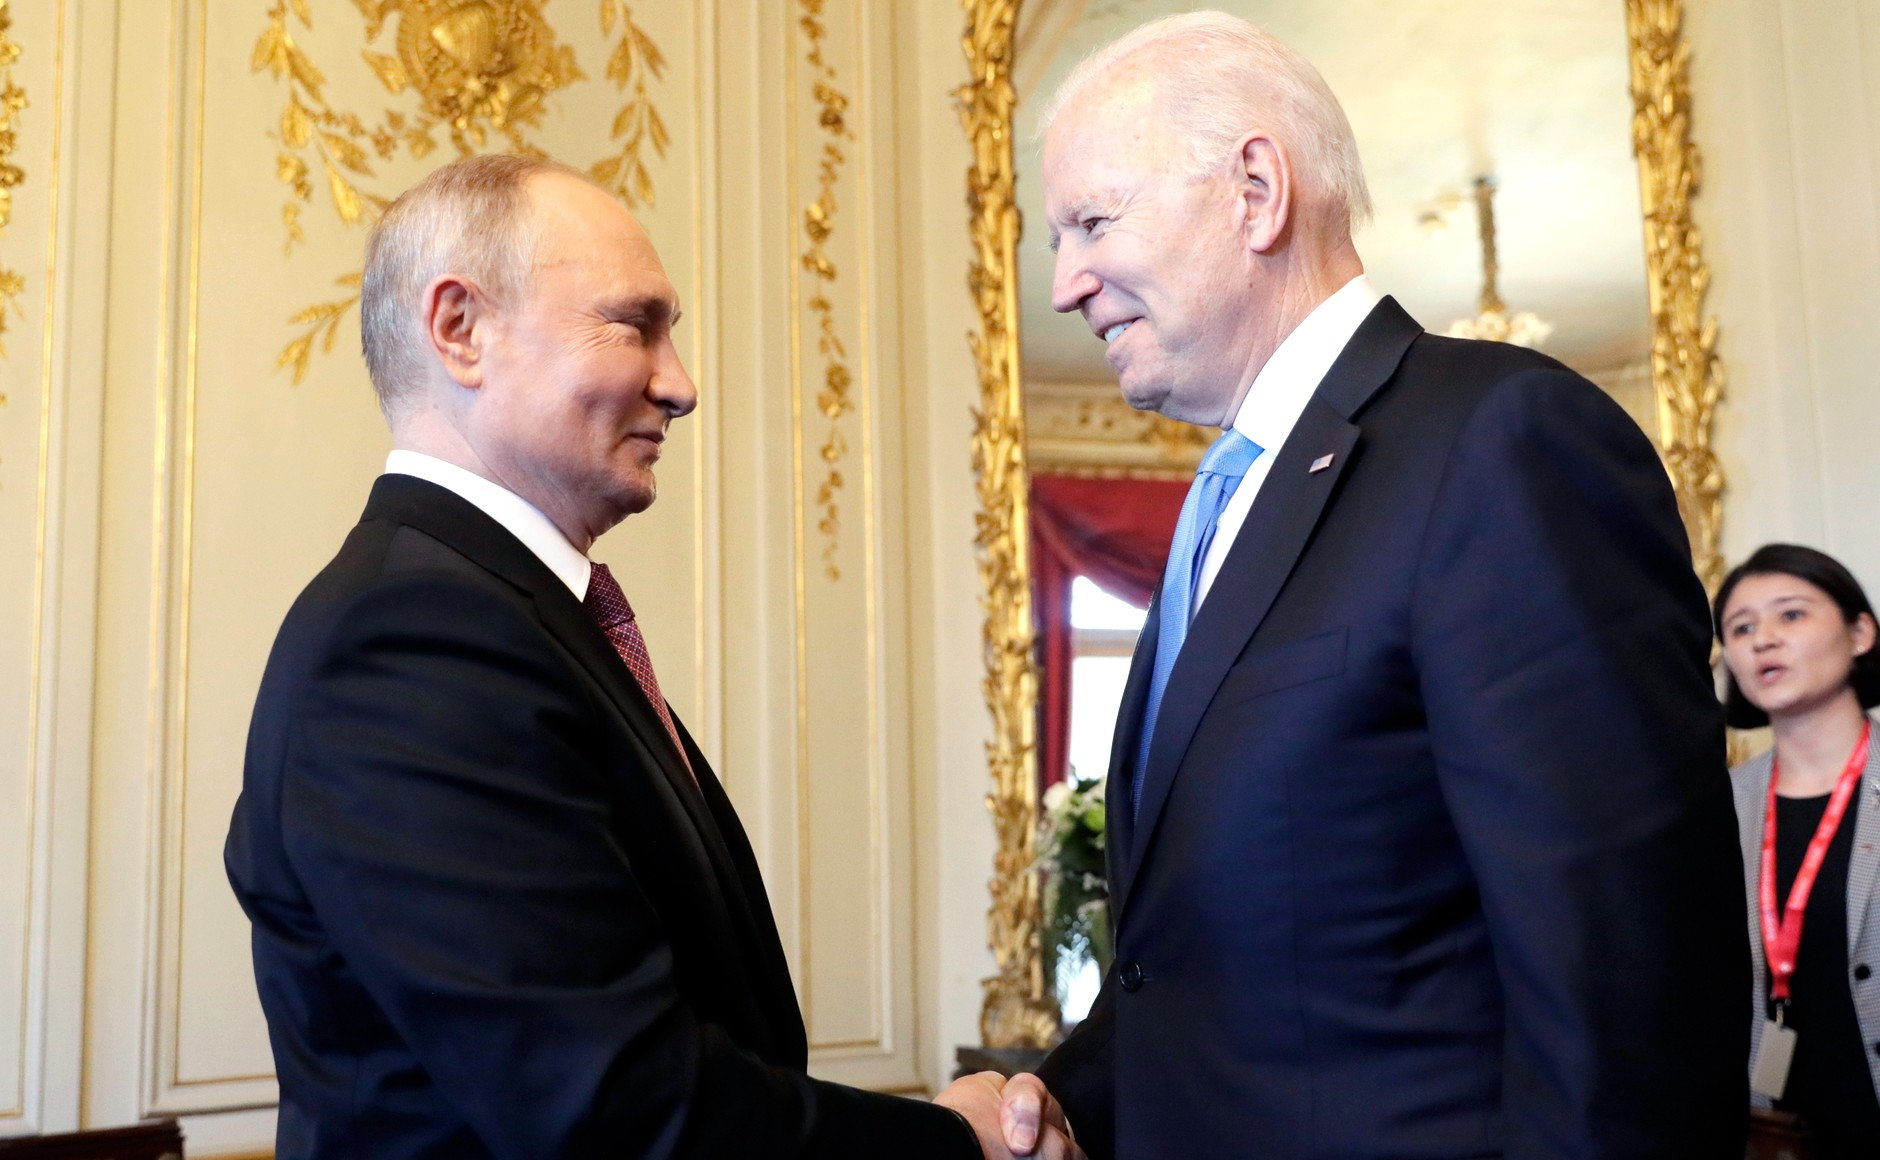 RUSSIE USA 3 X 16 Avec le président des États-Unis d'Amérique Joseph Biden avant les pourparlers russo-américains. Photo TASS